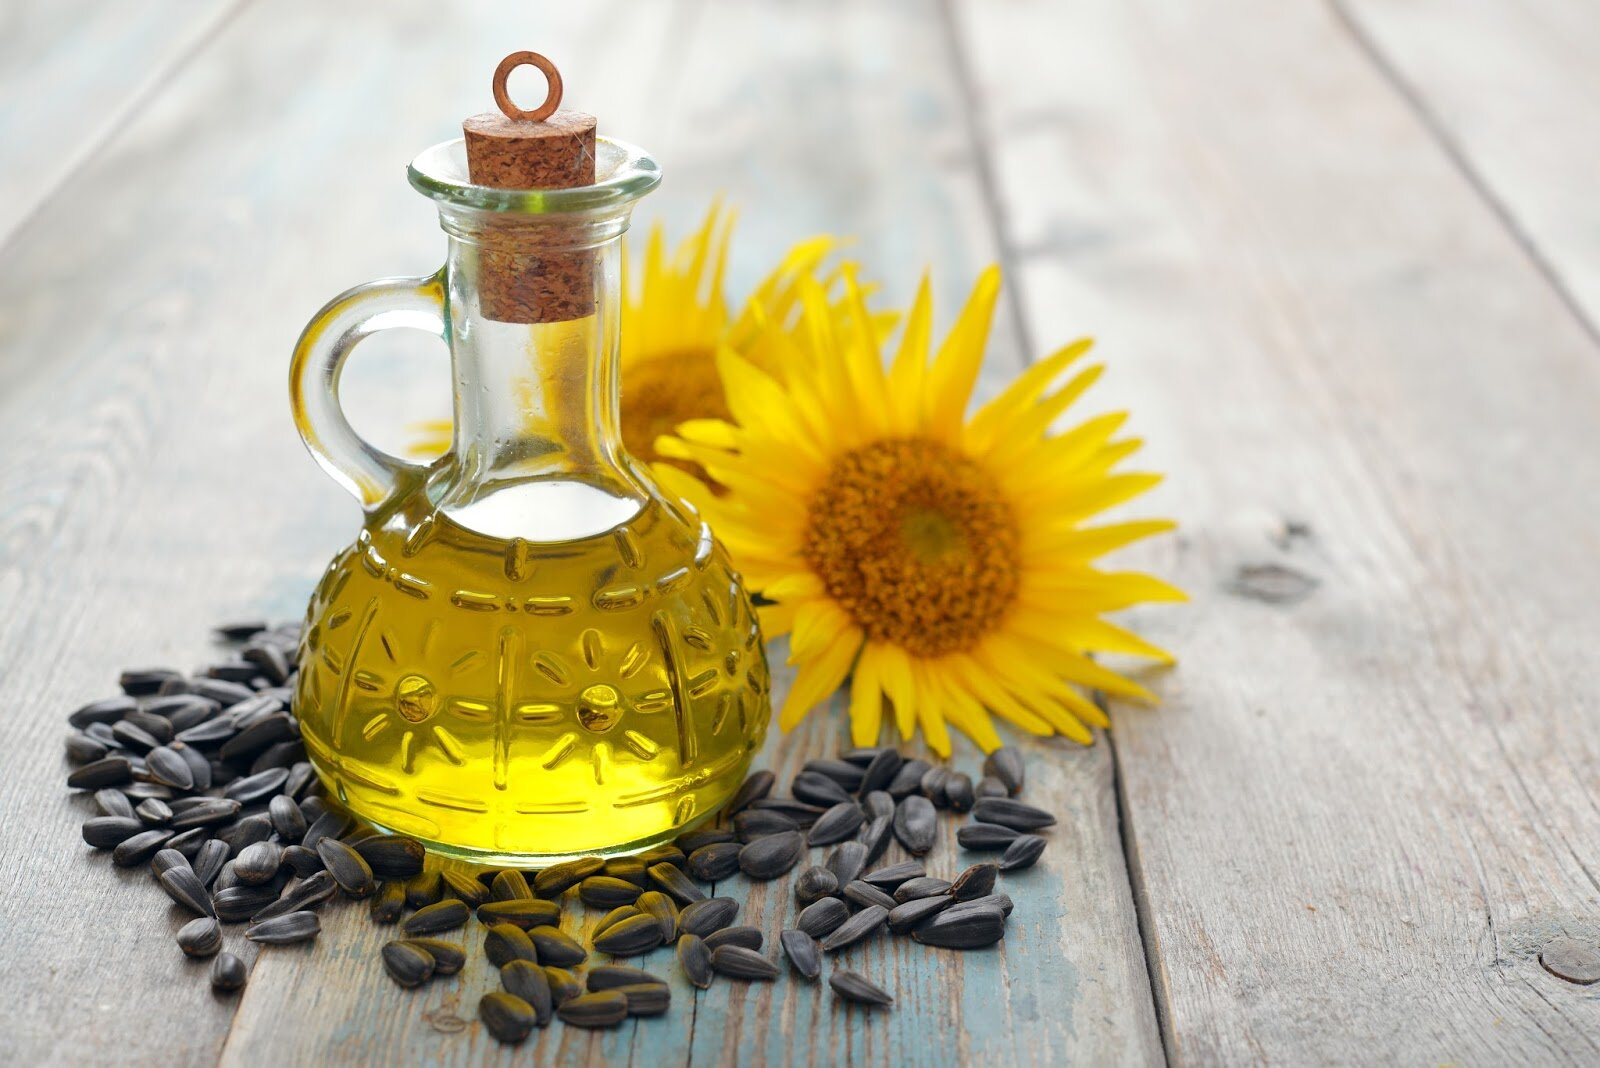 Dầu hướng dương chứa hàm lượng dinh dưỡng cao hàng đầu trong thế giới dầu thực vật